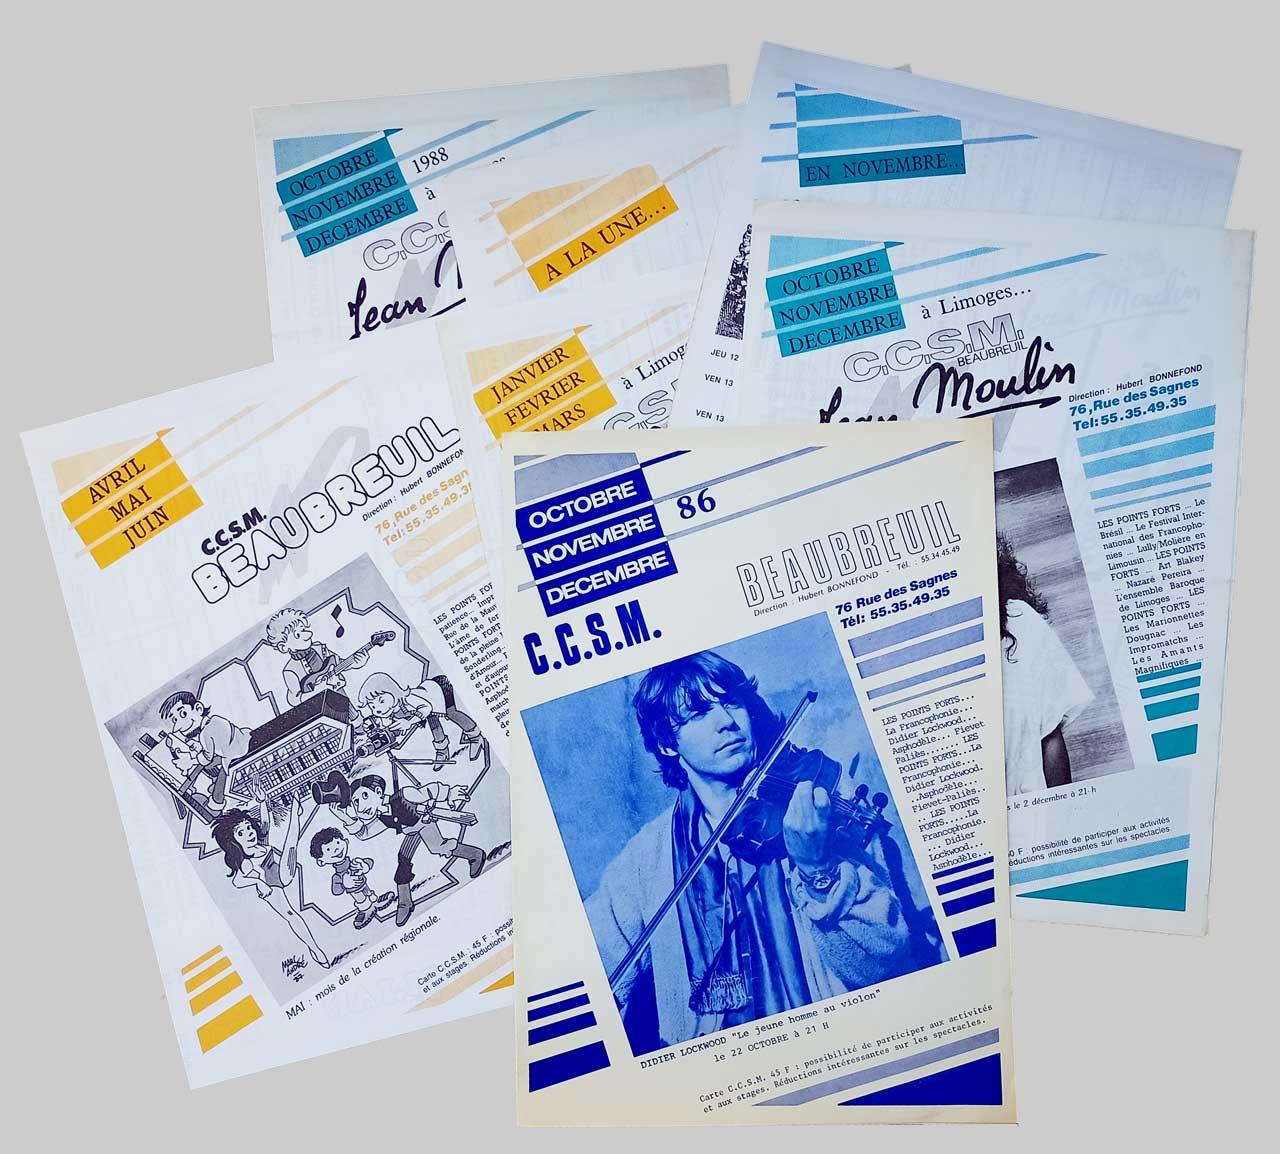 Maquette Programmes CCSM Beaubreuil Jean Moulin 1986-1988 Marc-André